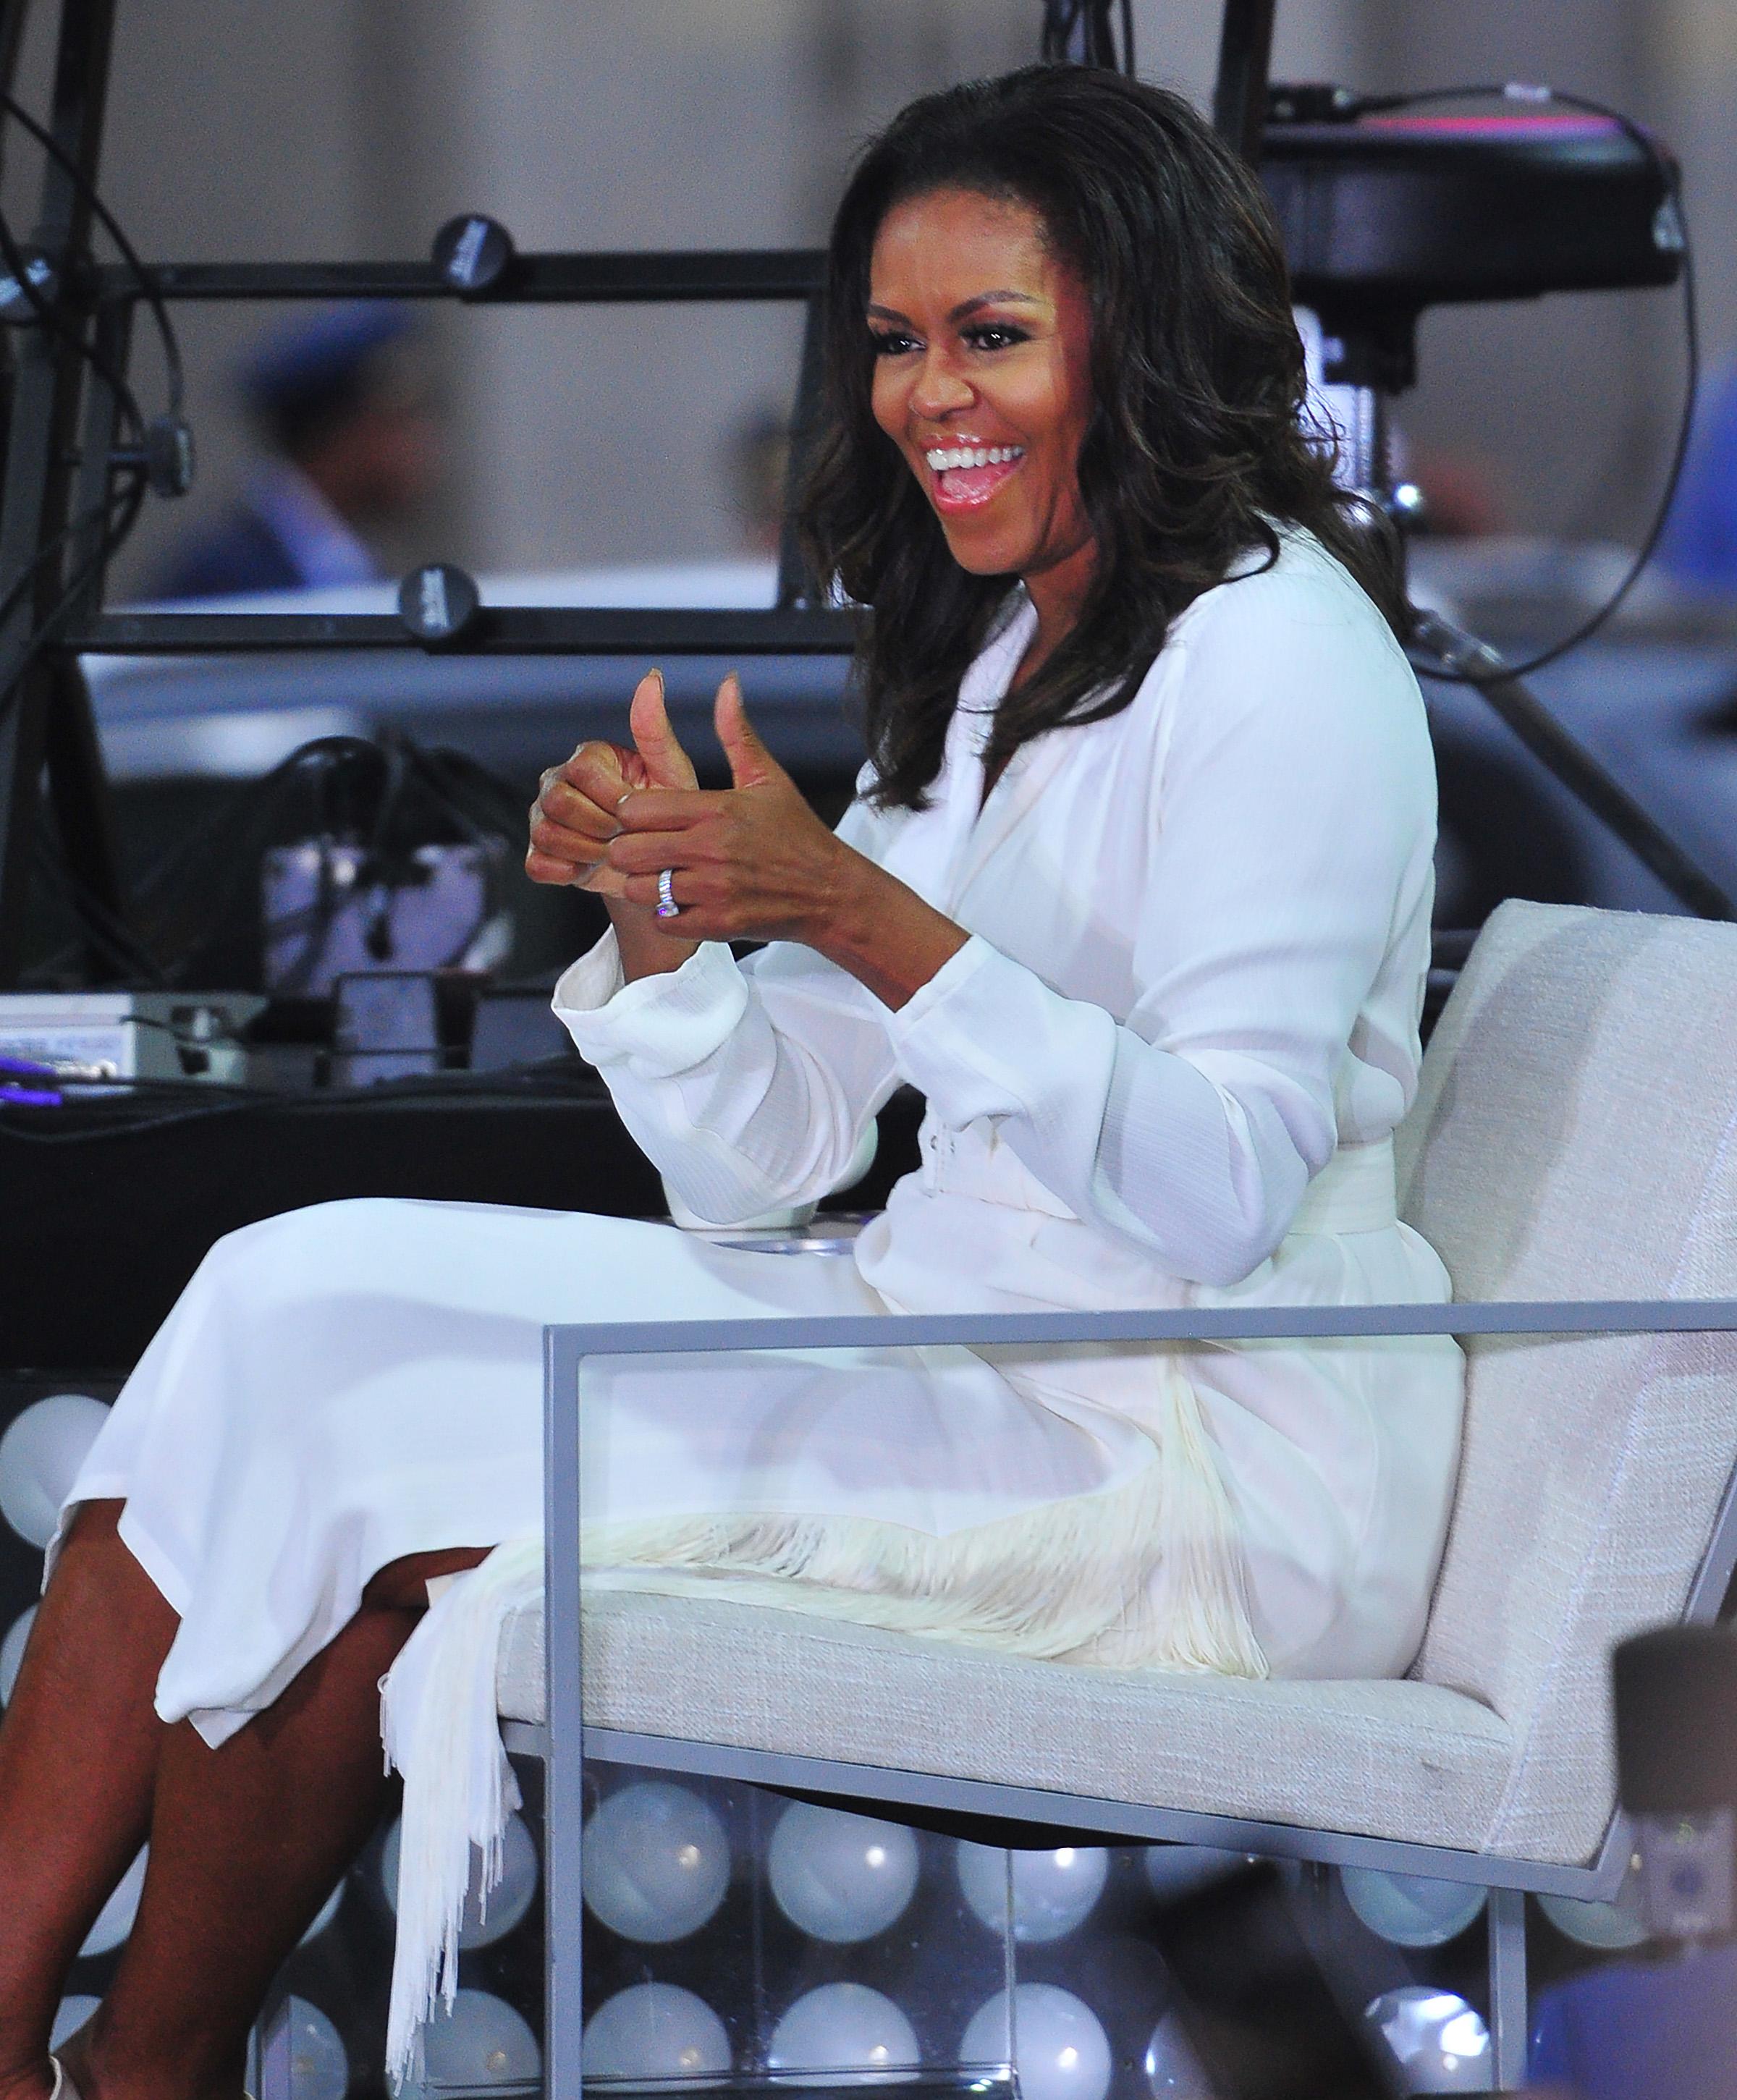 Πώς είναι αλήθεια τα φυσικά μαλλιά της Michelle Obama!